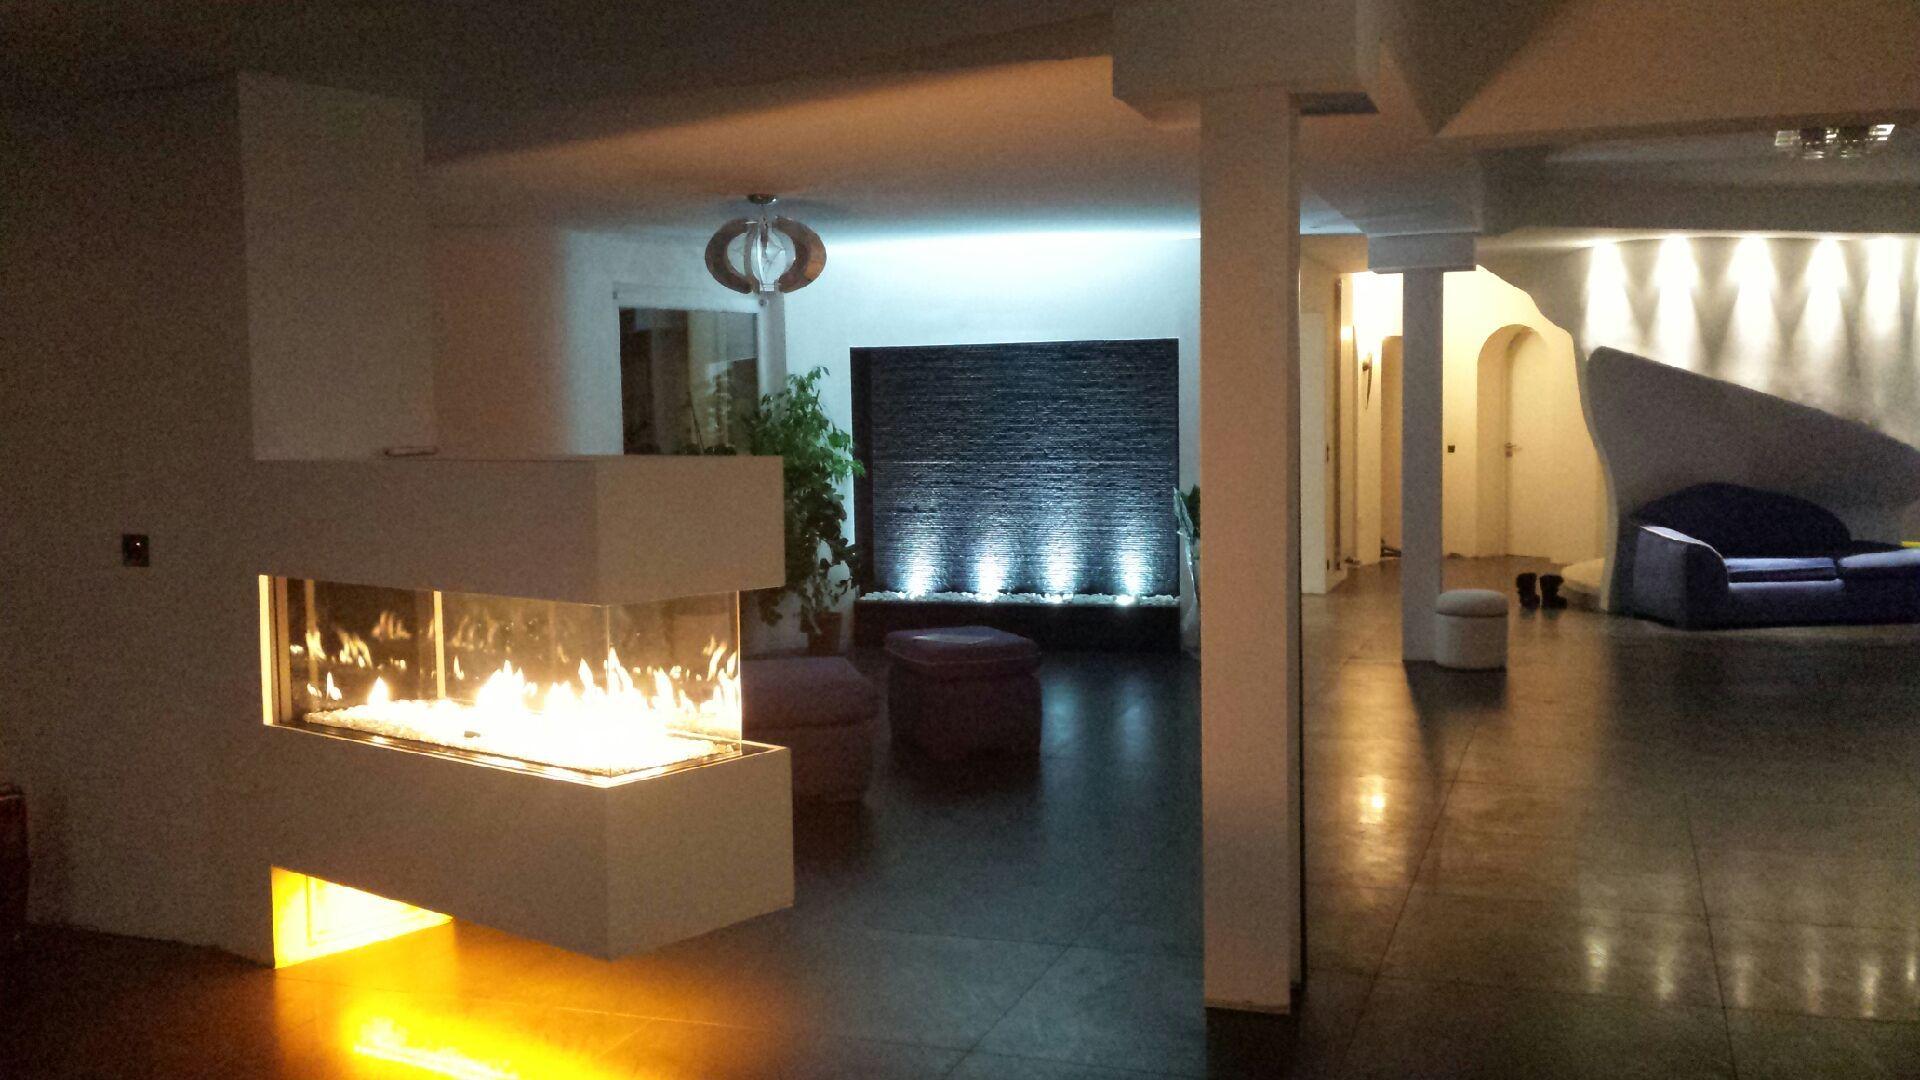 Cheminée design avec foyer fermé http://atredesign.fr #atredesign ...